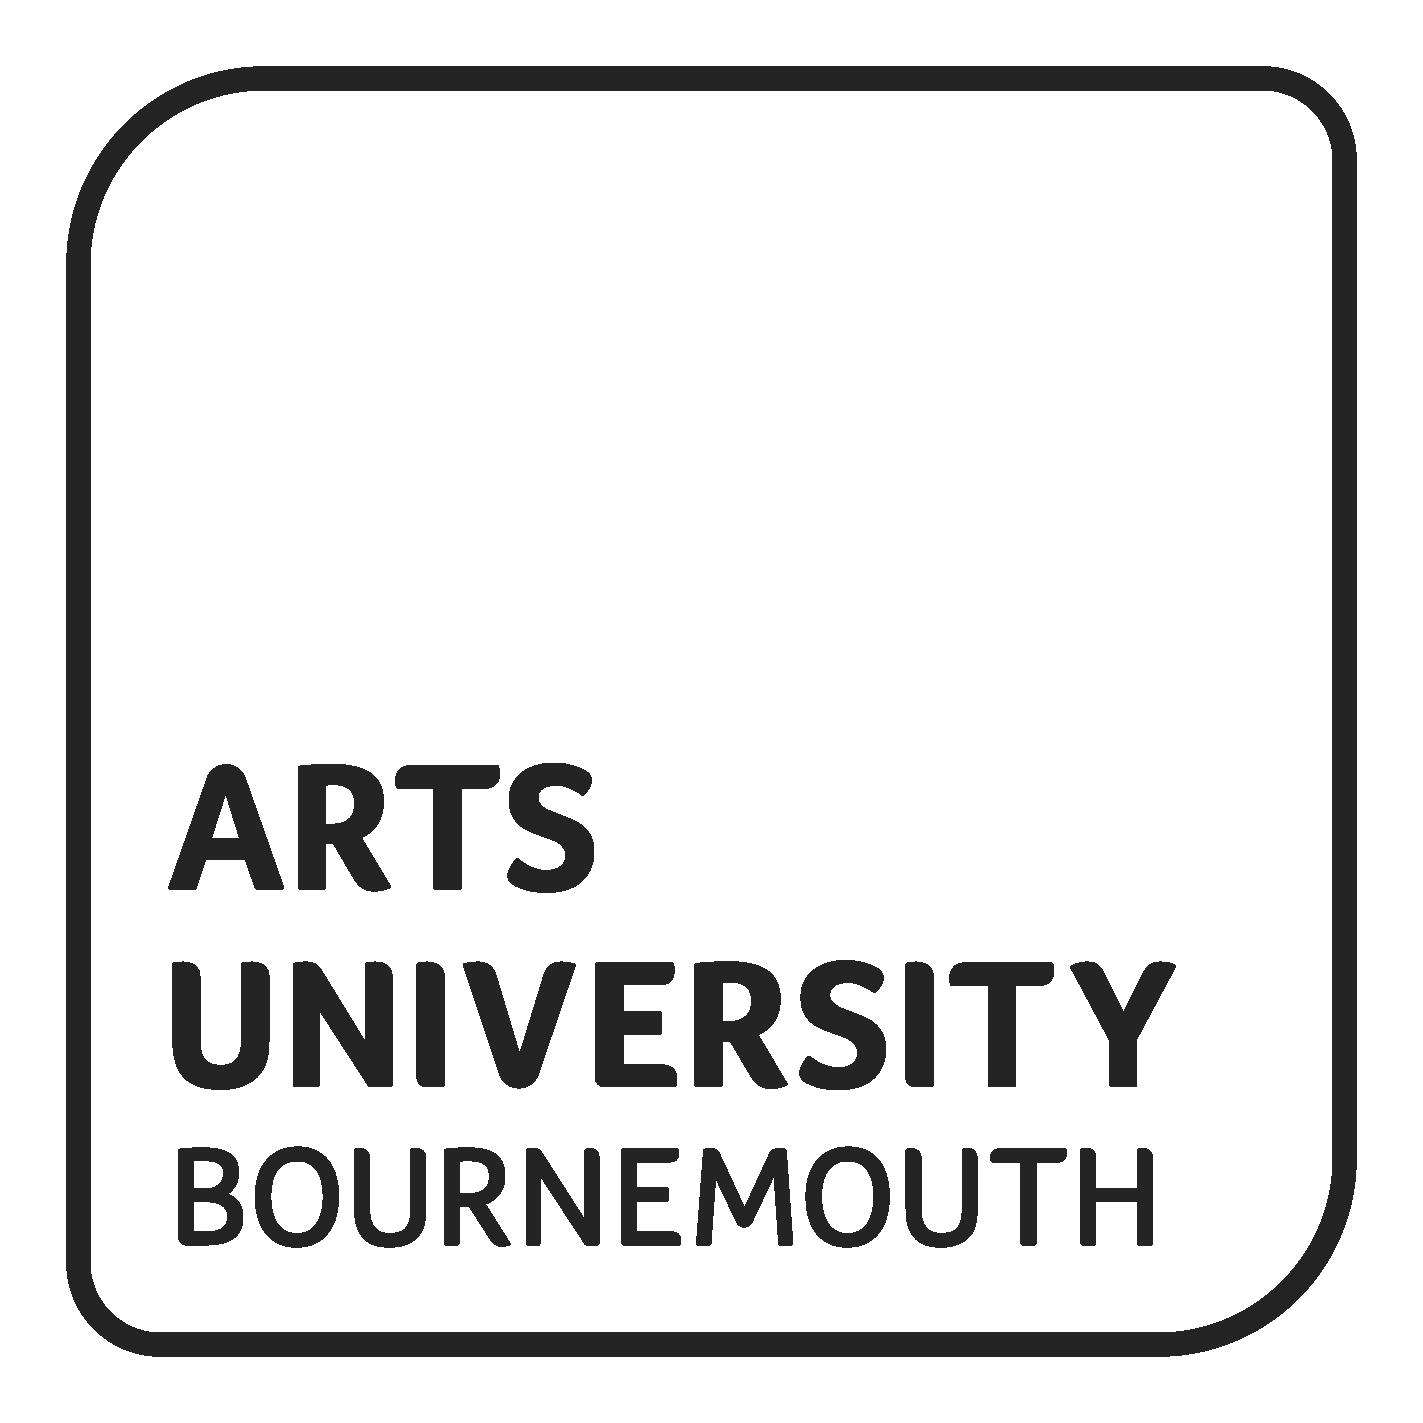 Arts university @ Bournemouth